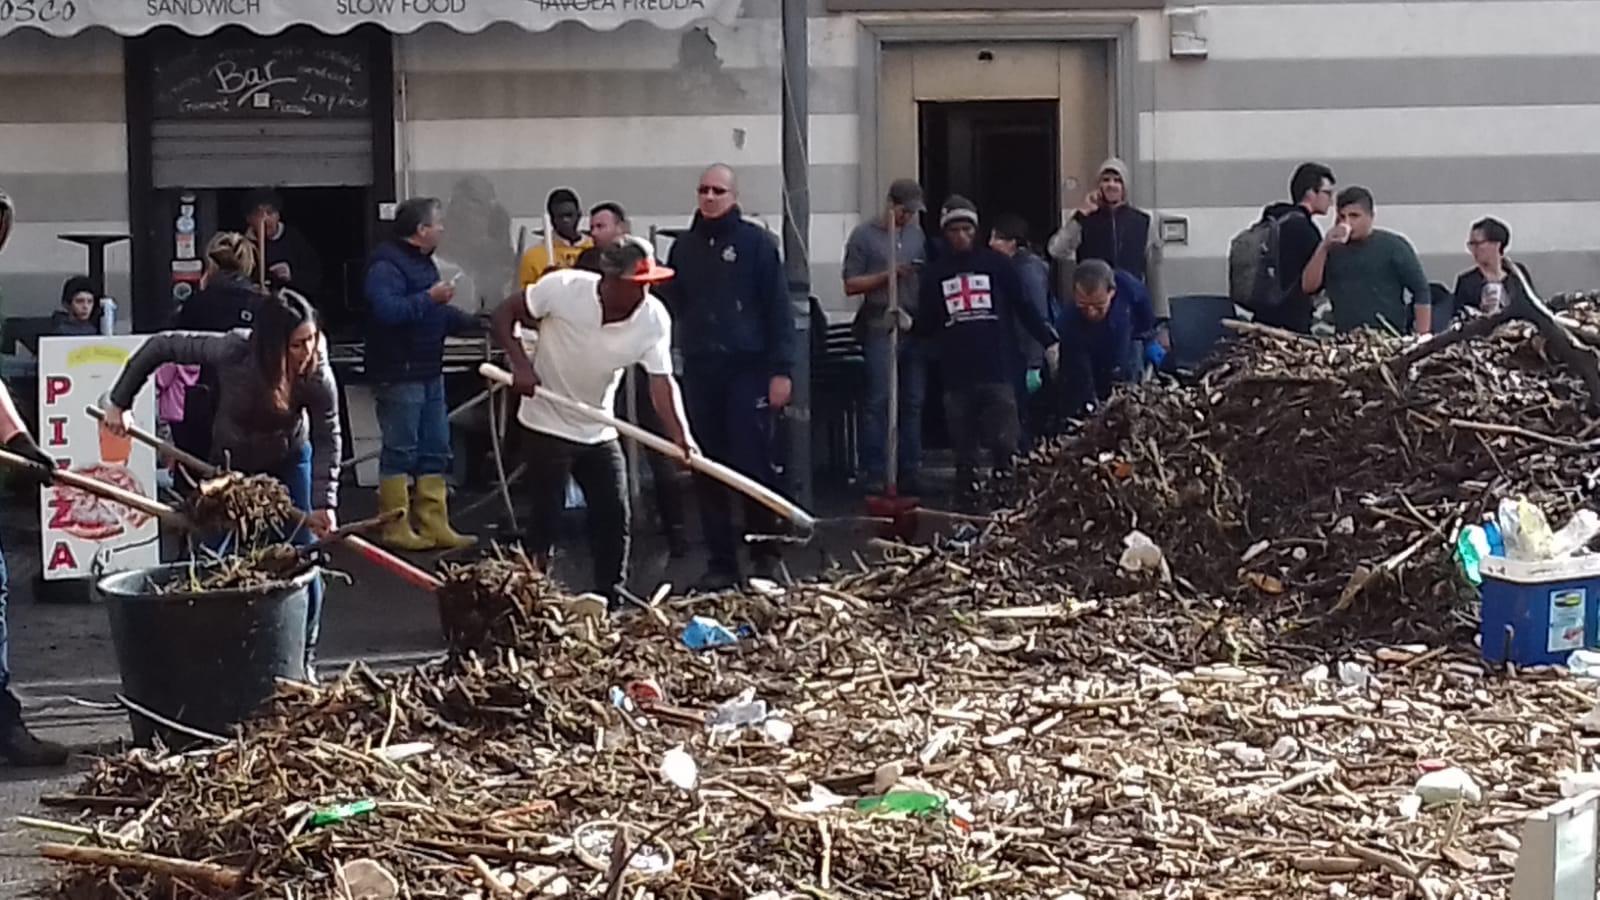 Richiedenti asilo ospiti del Centro di Accoglienza della Diocesi di Chiavari ad aiutare dopo la mareggiata a Rapallo 02